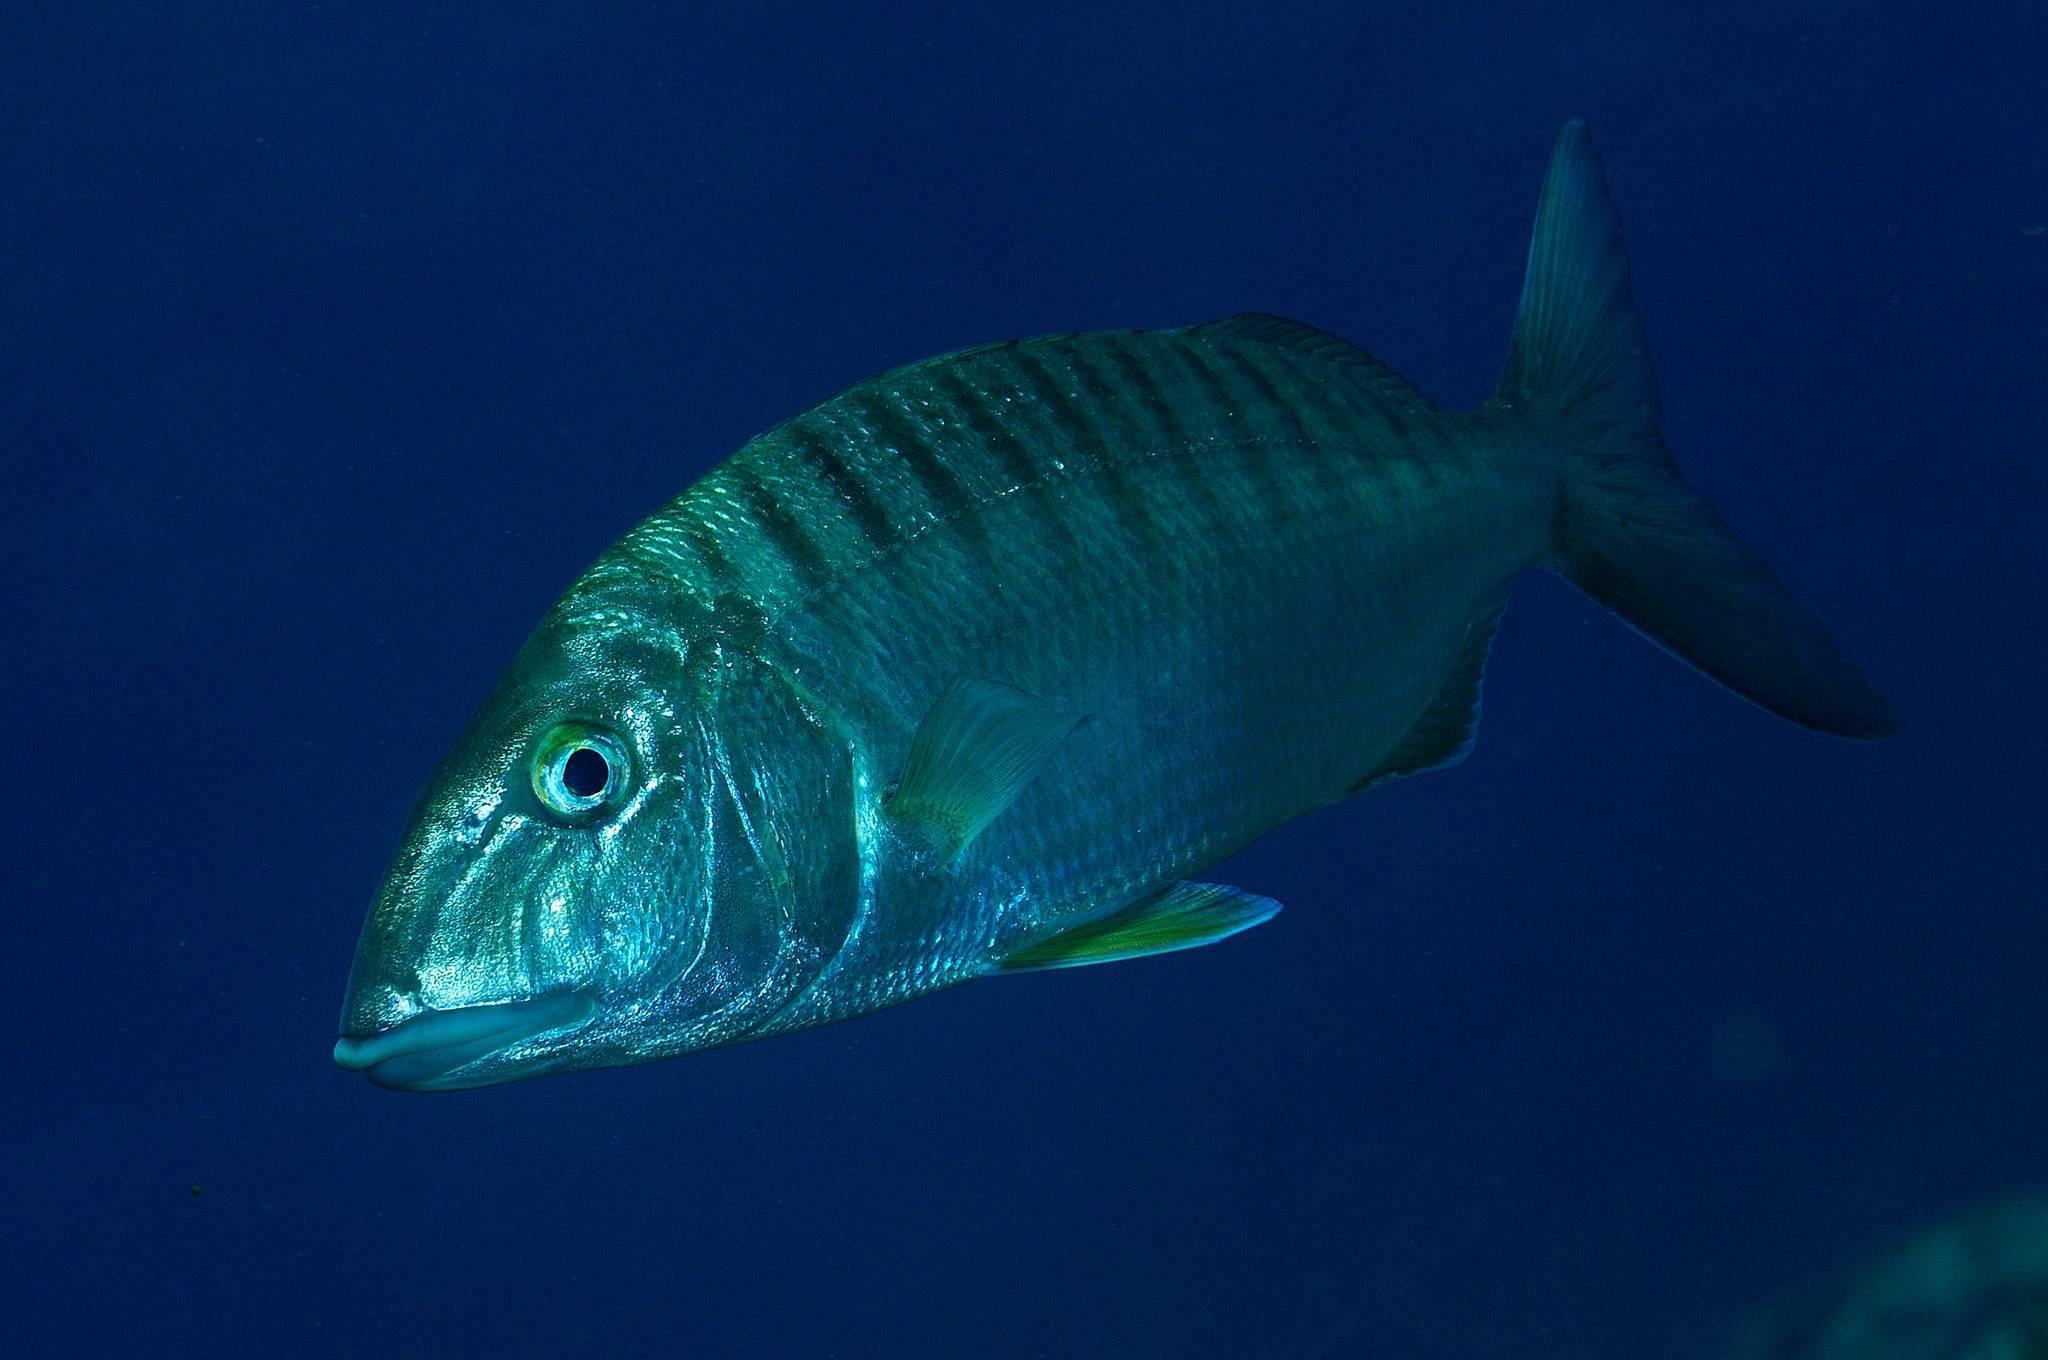 Звездчатый аротрон: фото рыбы, описание